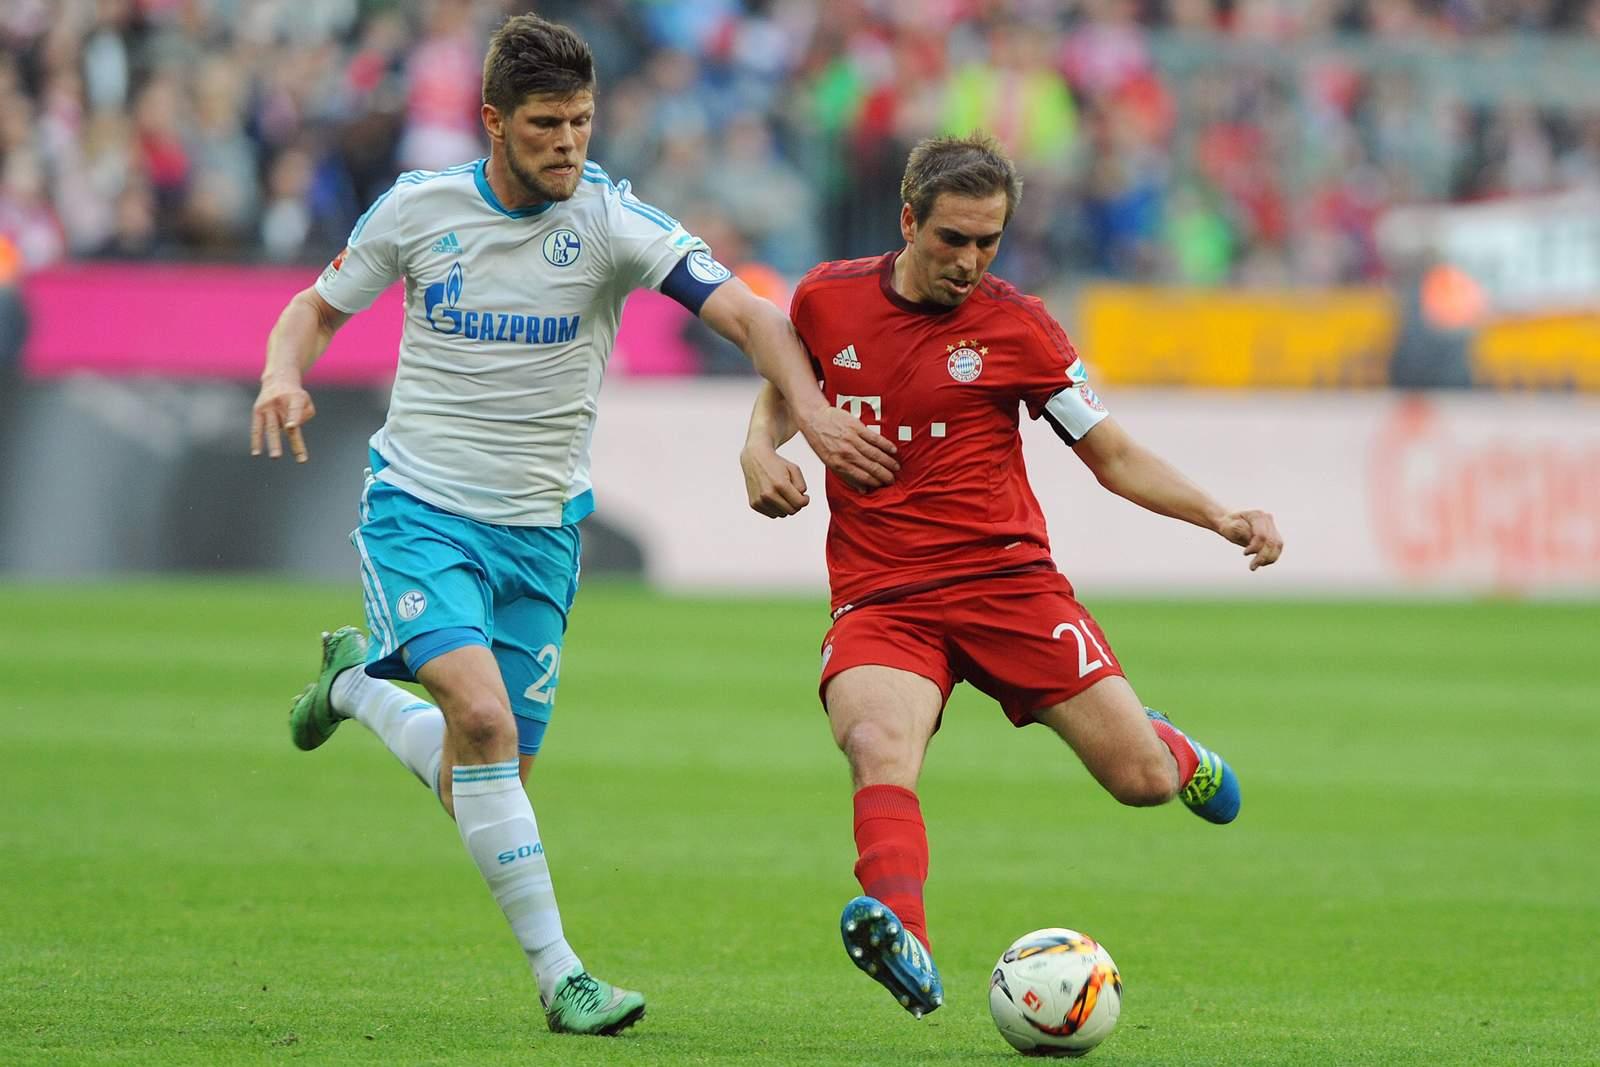 Setzt sich Lahm gegen Huntelaar durch? Unser Tipp: FC Bayern gewinnt gegen Schalke 04